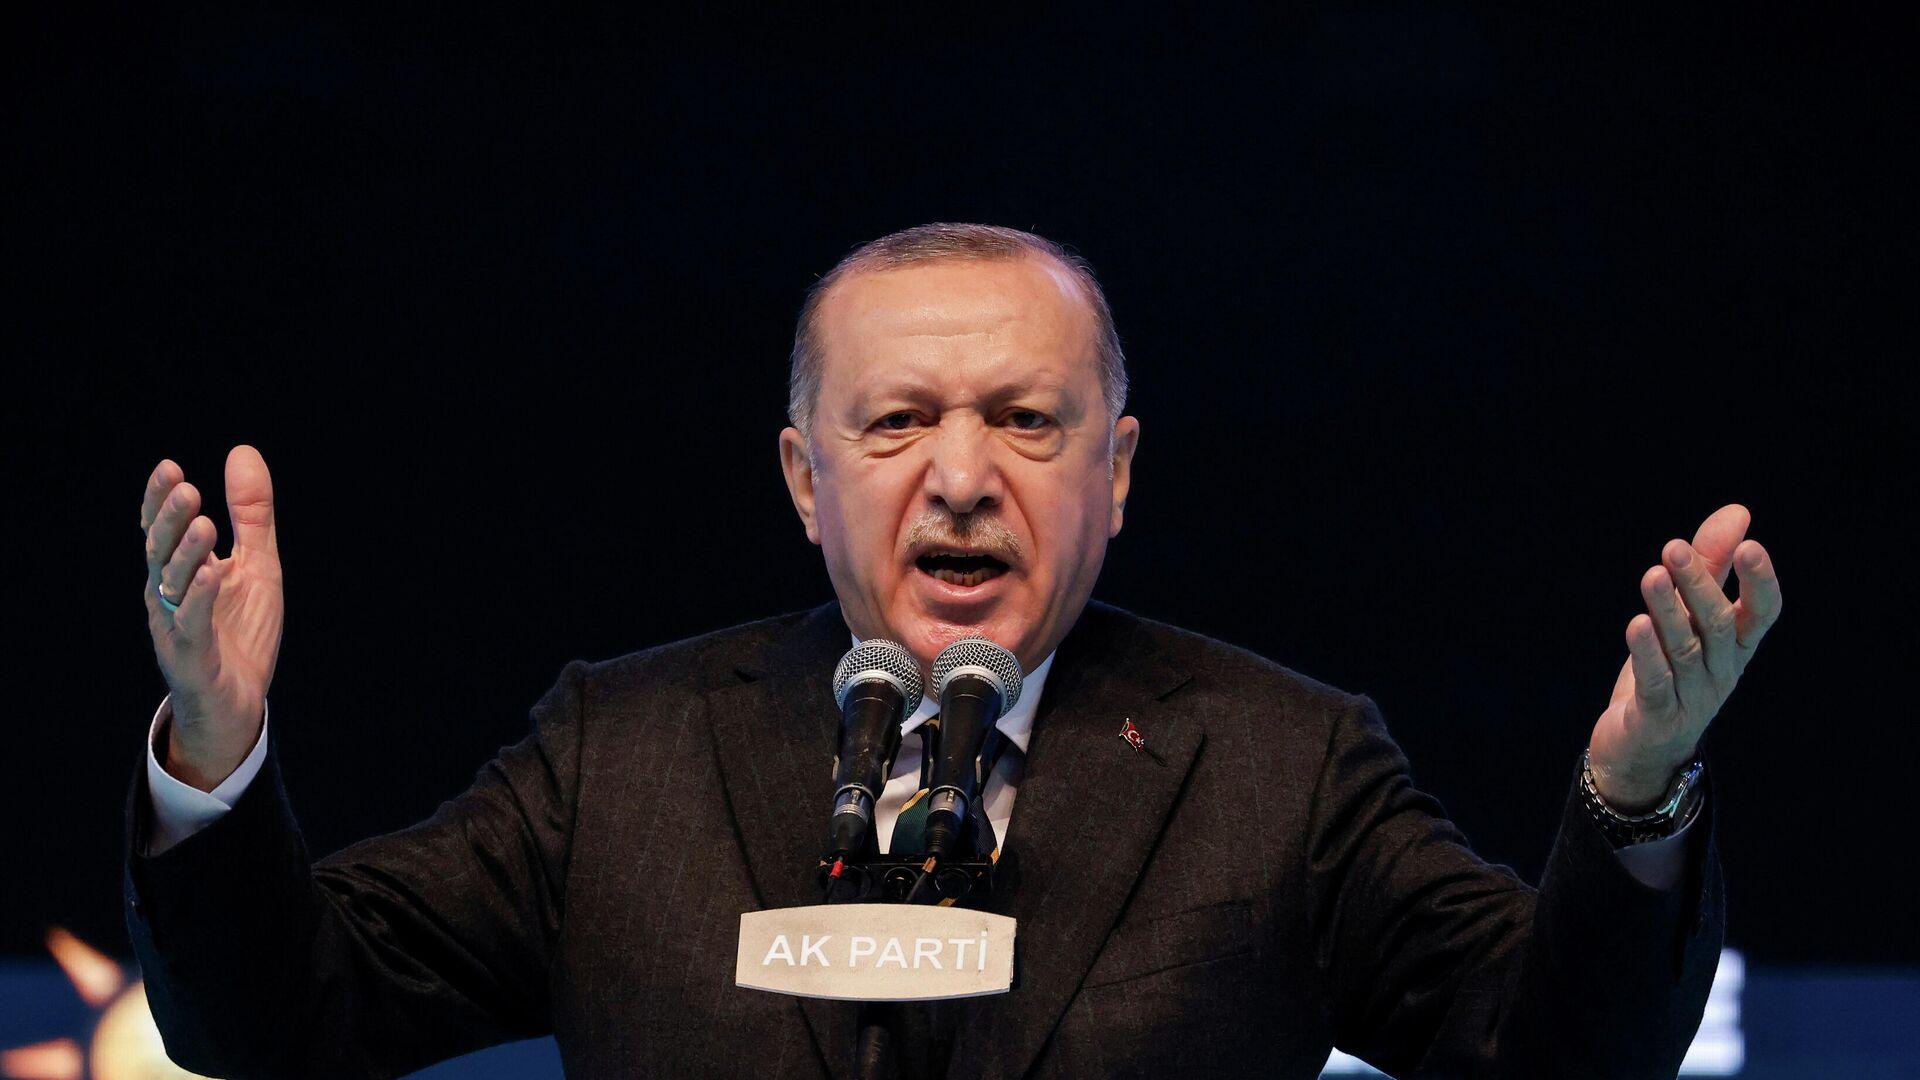 Президент Турции Реджеп Тайип Эрдоган во время выступления - РИА Новости, 1920, 25.08.2021